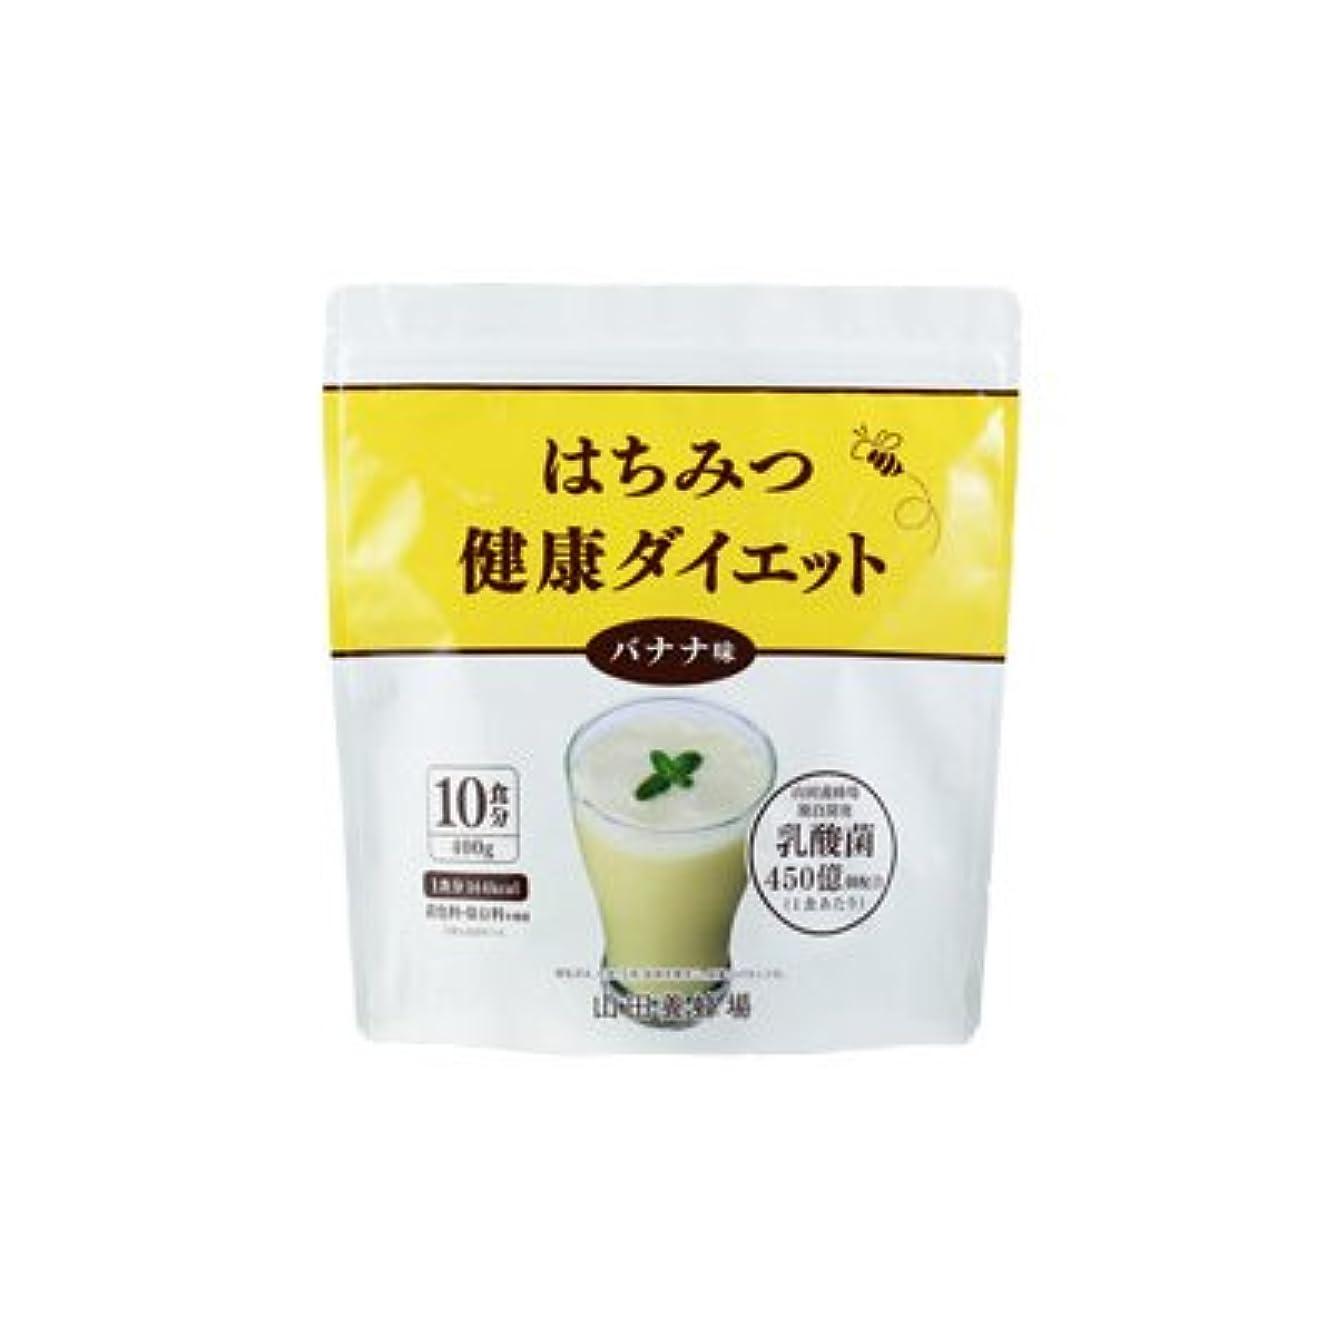 義務的応じる航空はちみつ健康ダイエット 【バナナ味】400g(10食分)